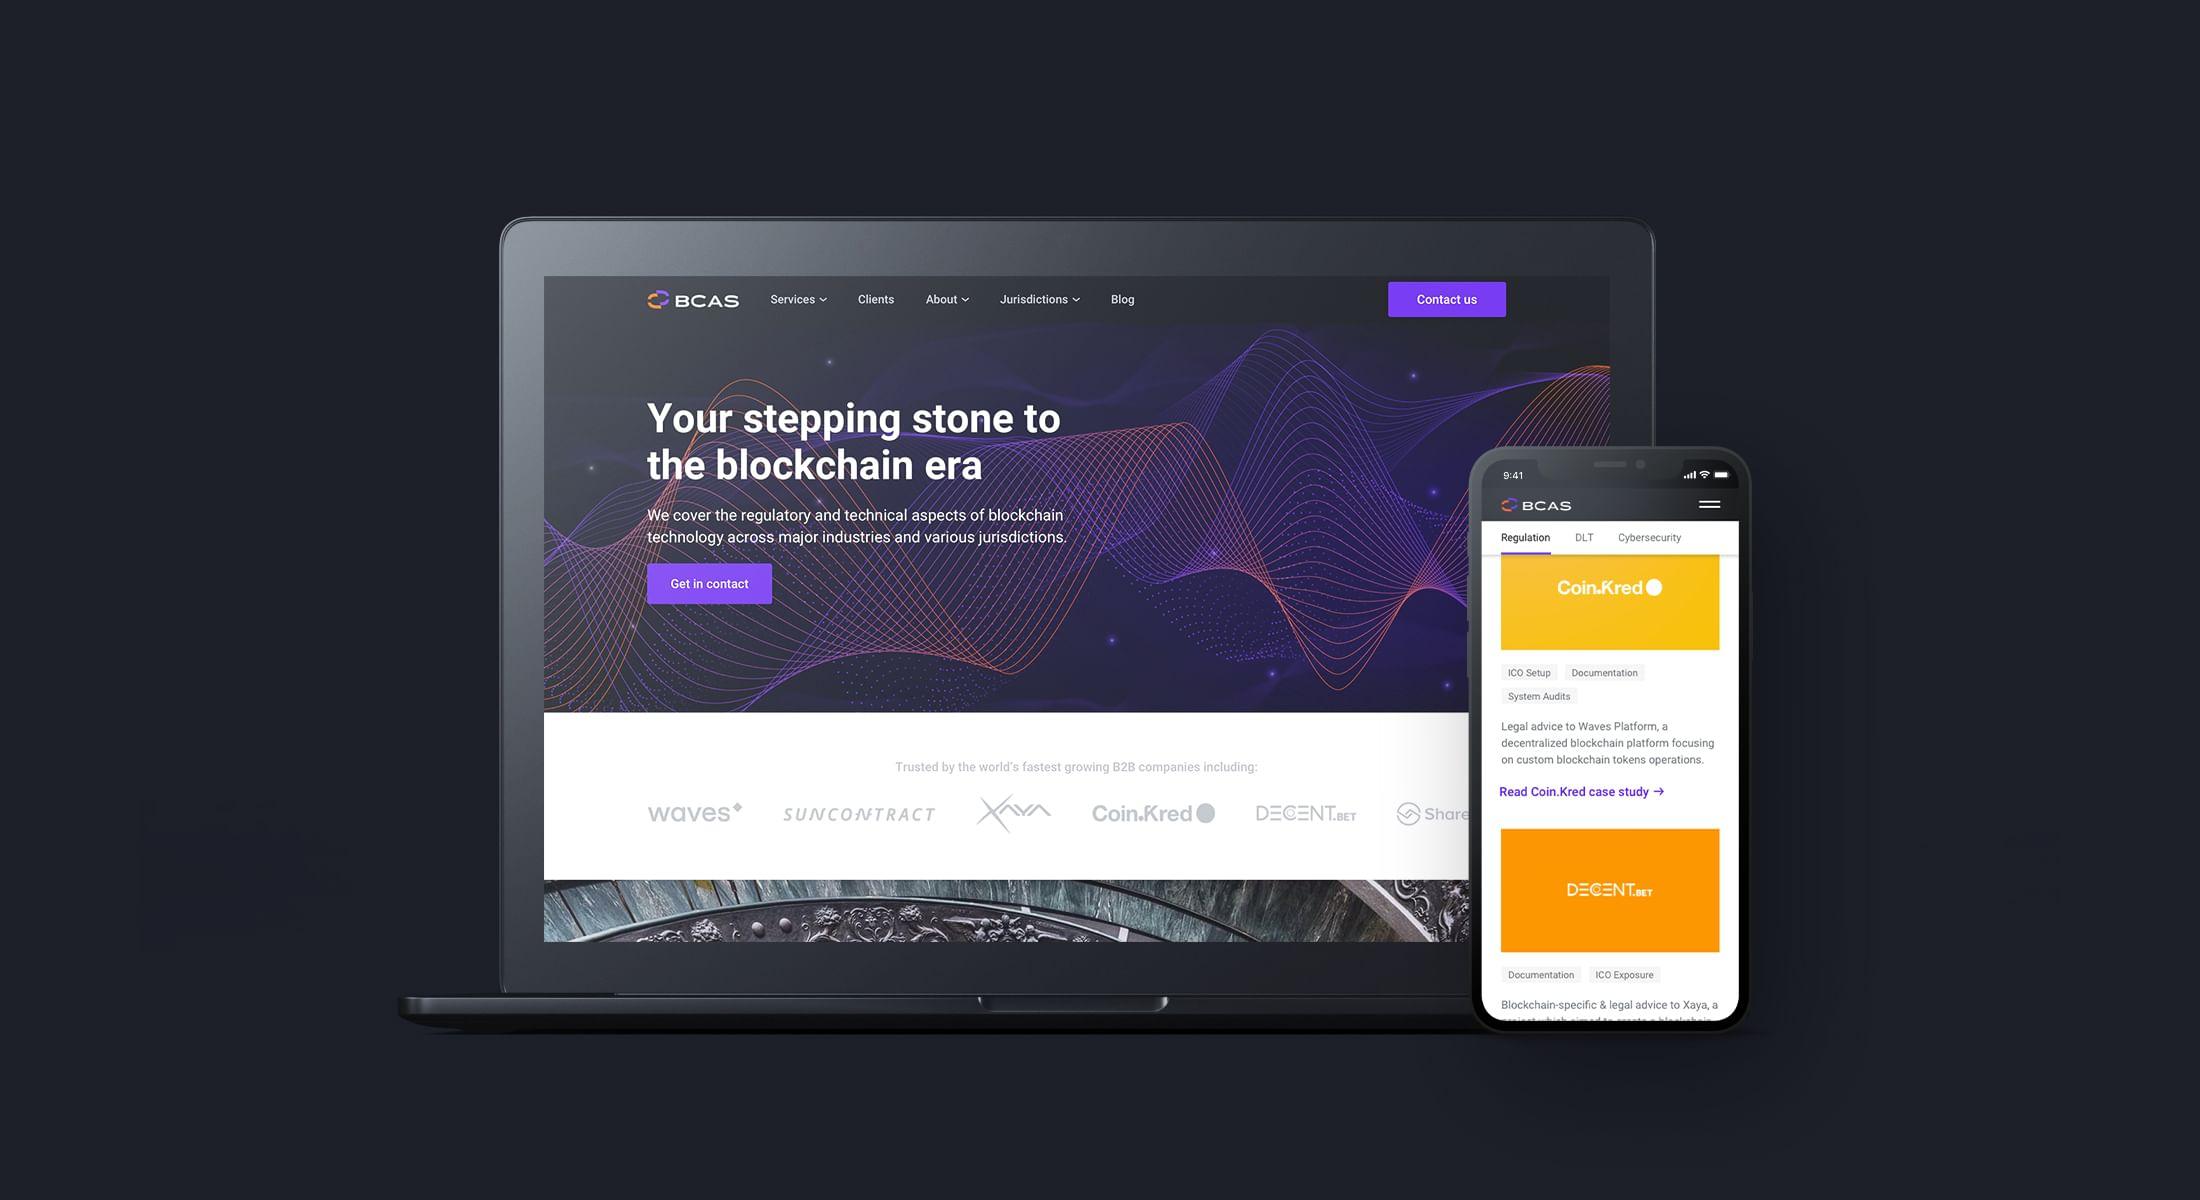 BCAS Website Redesign